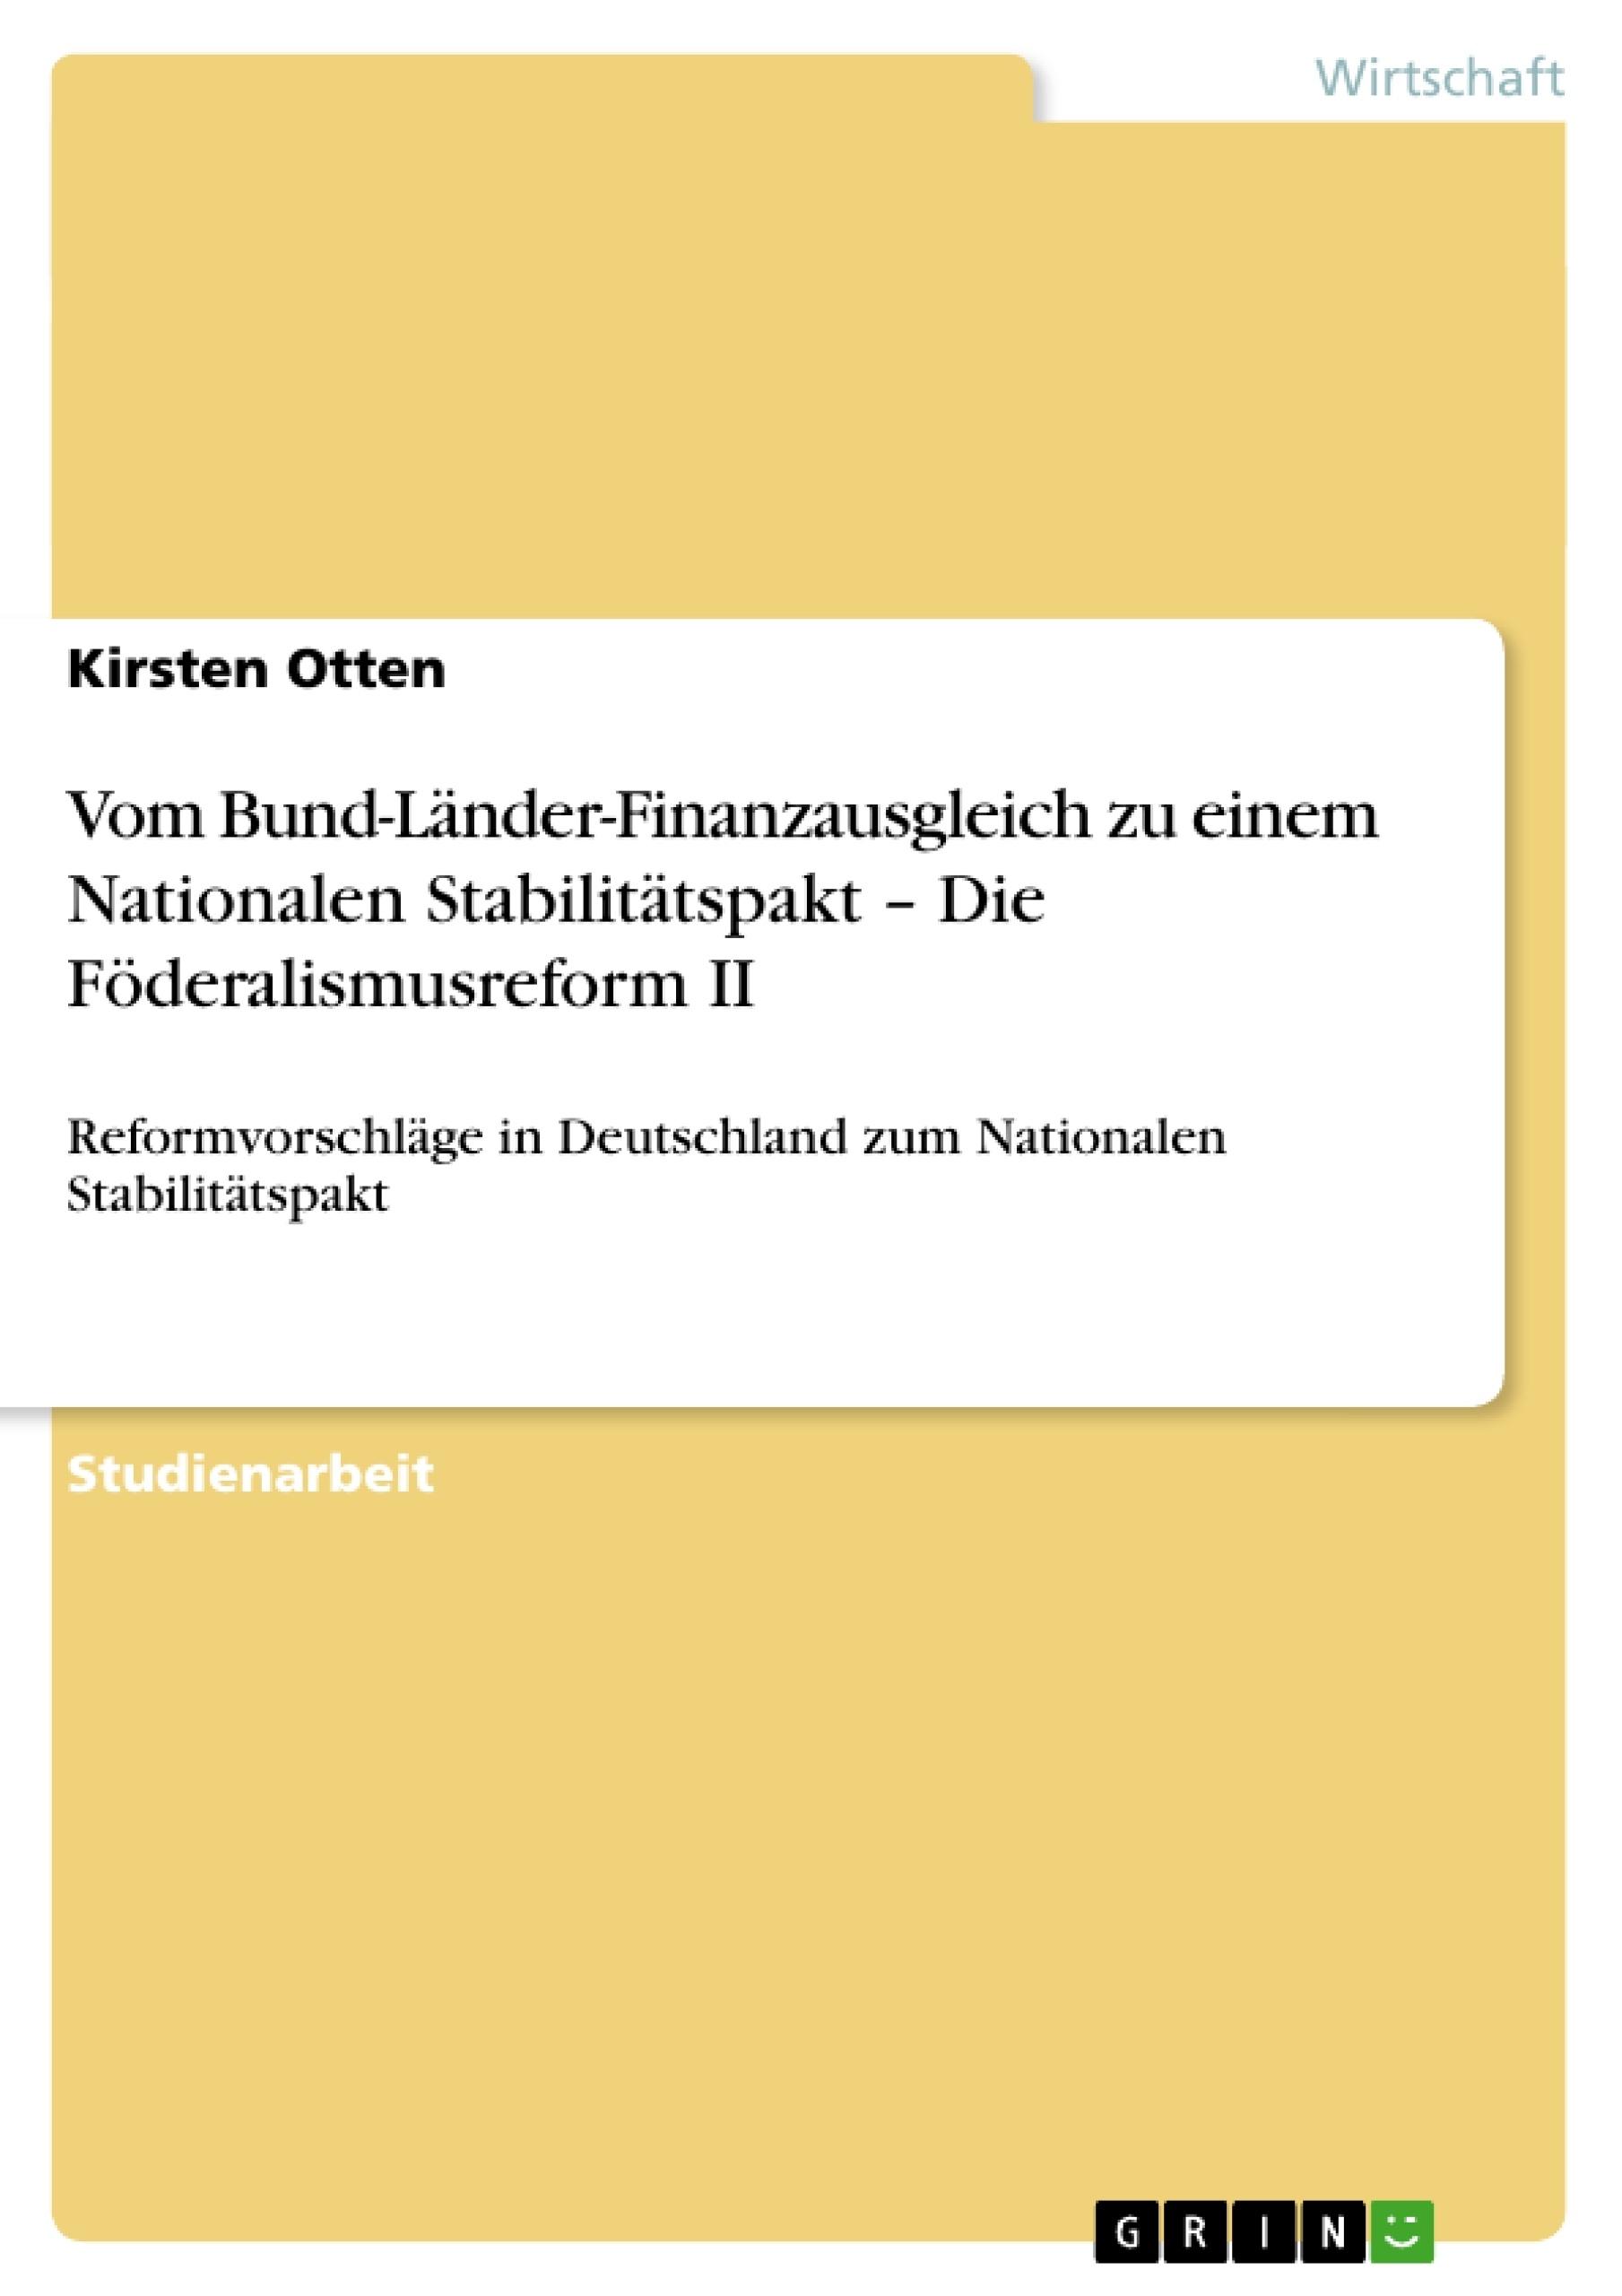 Titel: Vom Bund-Länder-Finanzausgleich zu einem Nationalen Stabilitätspakt – Die Föderalismusreform II